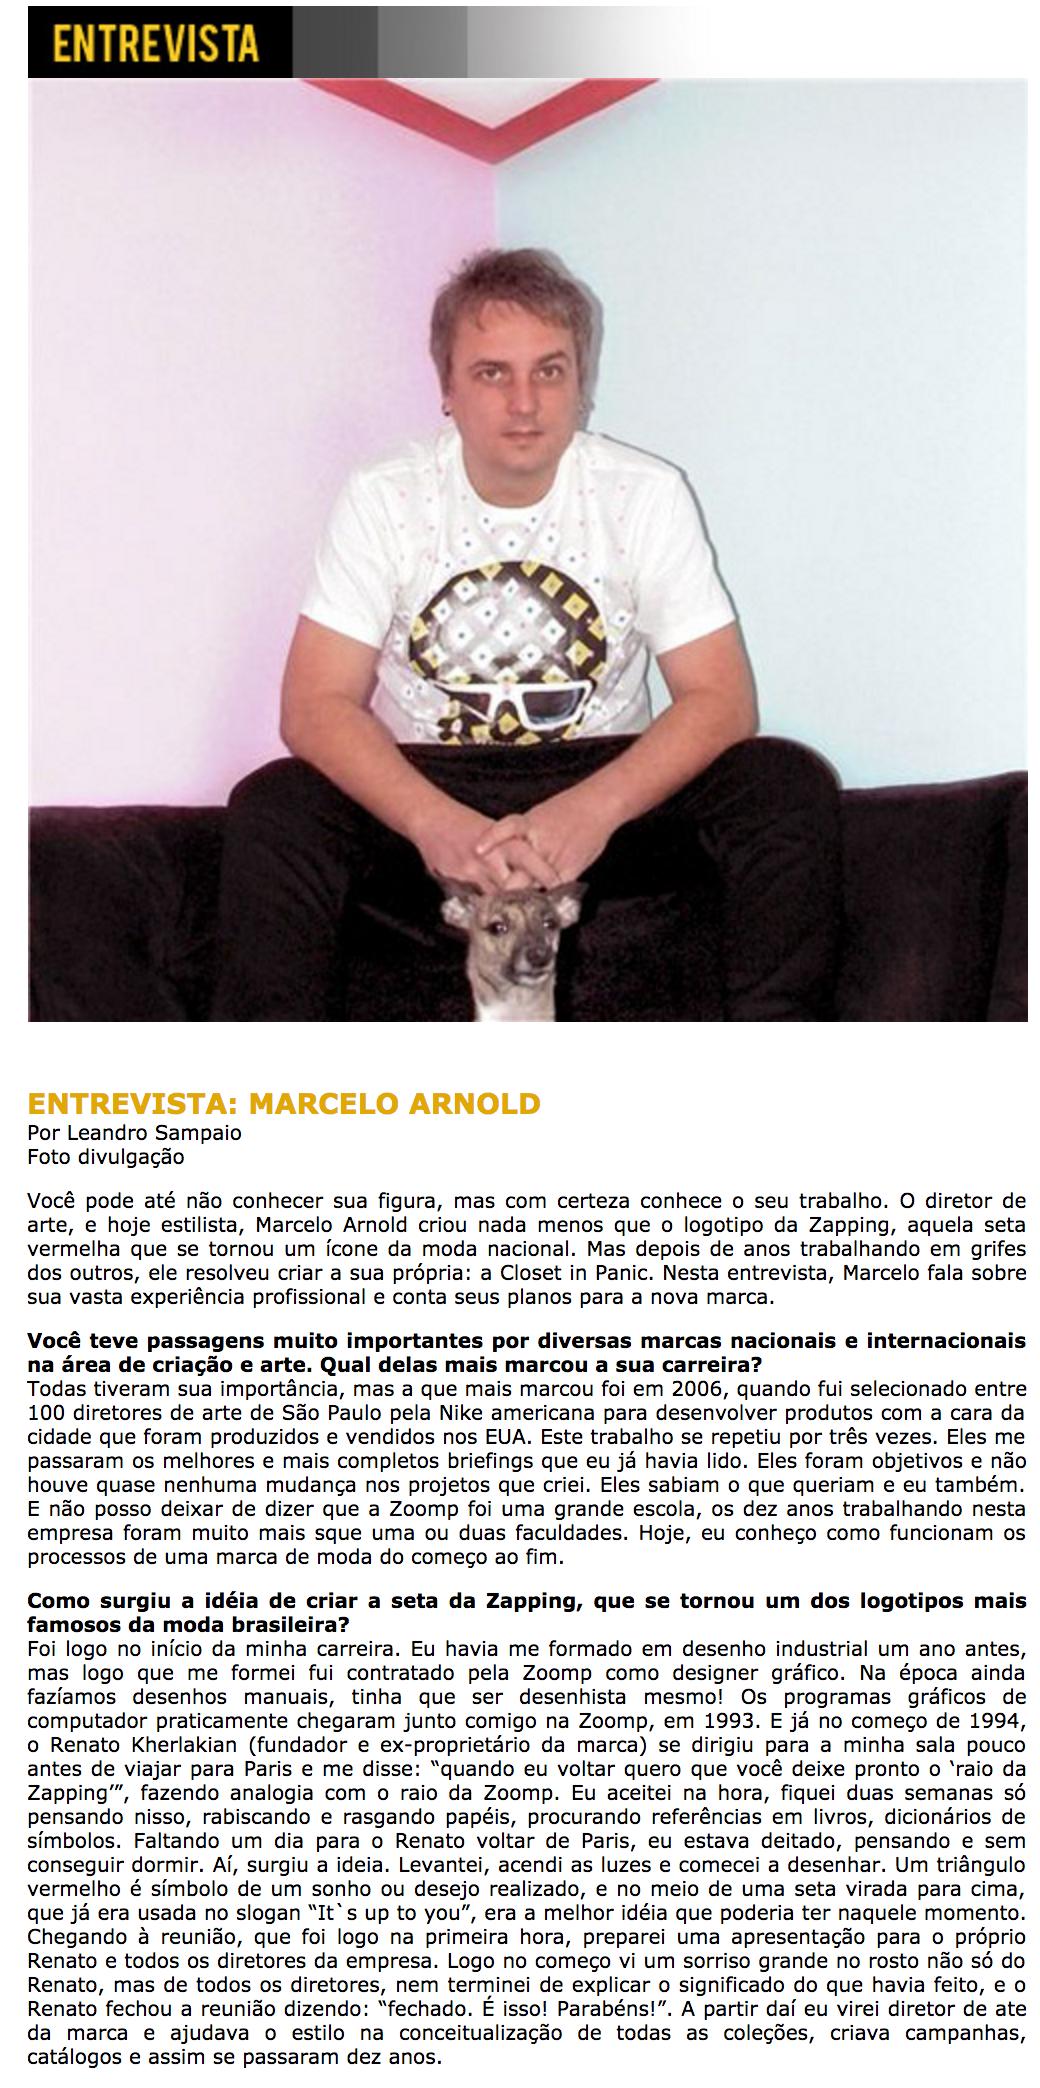 Entrevista Marcelo Arnold